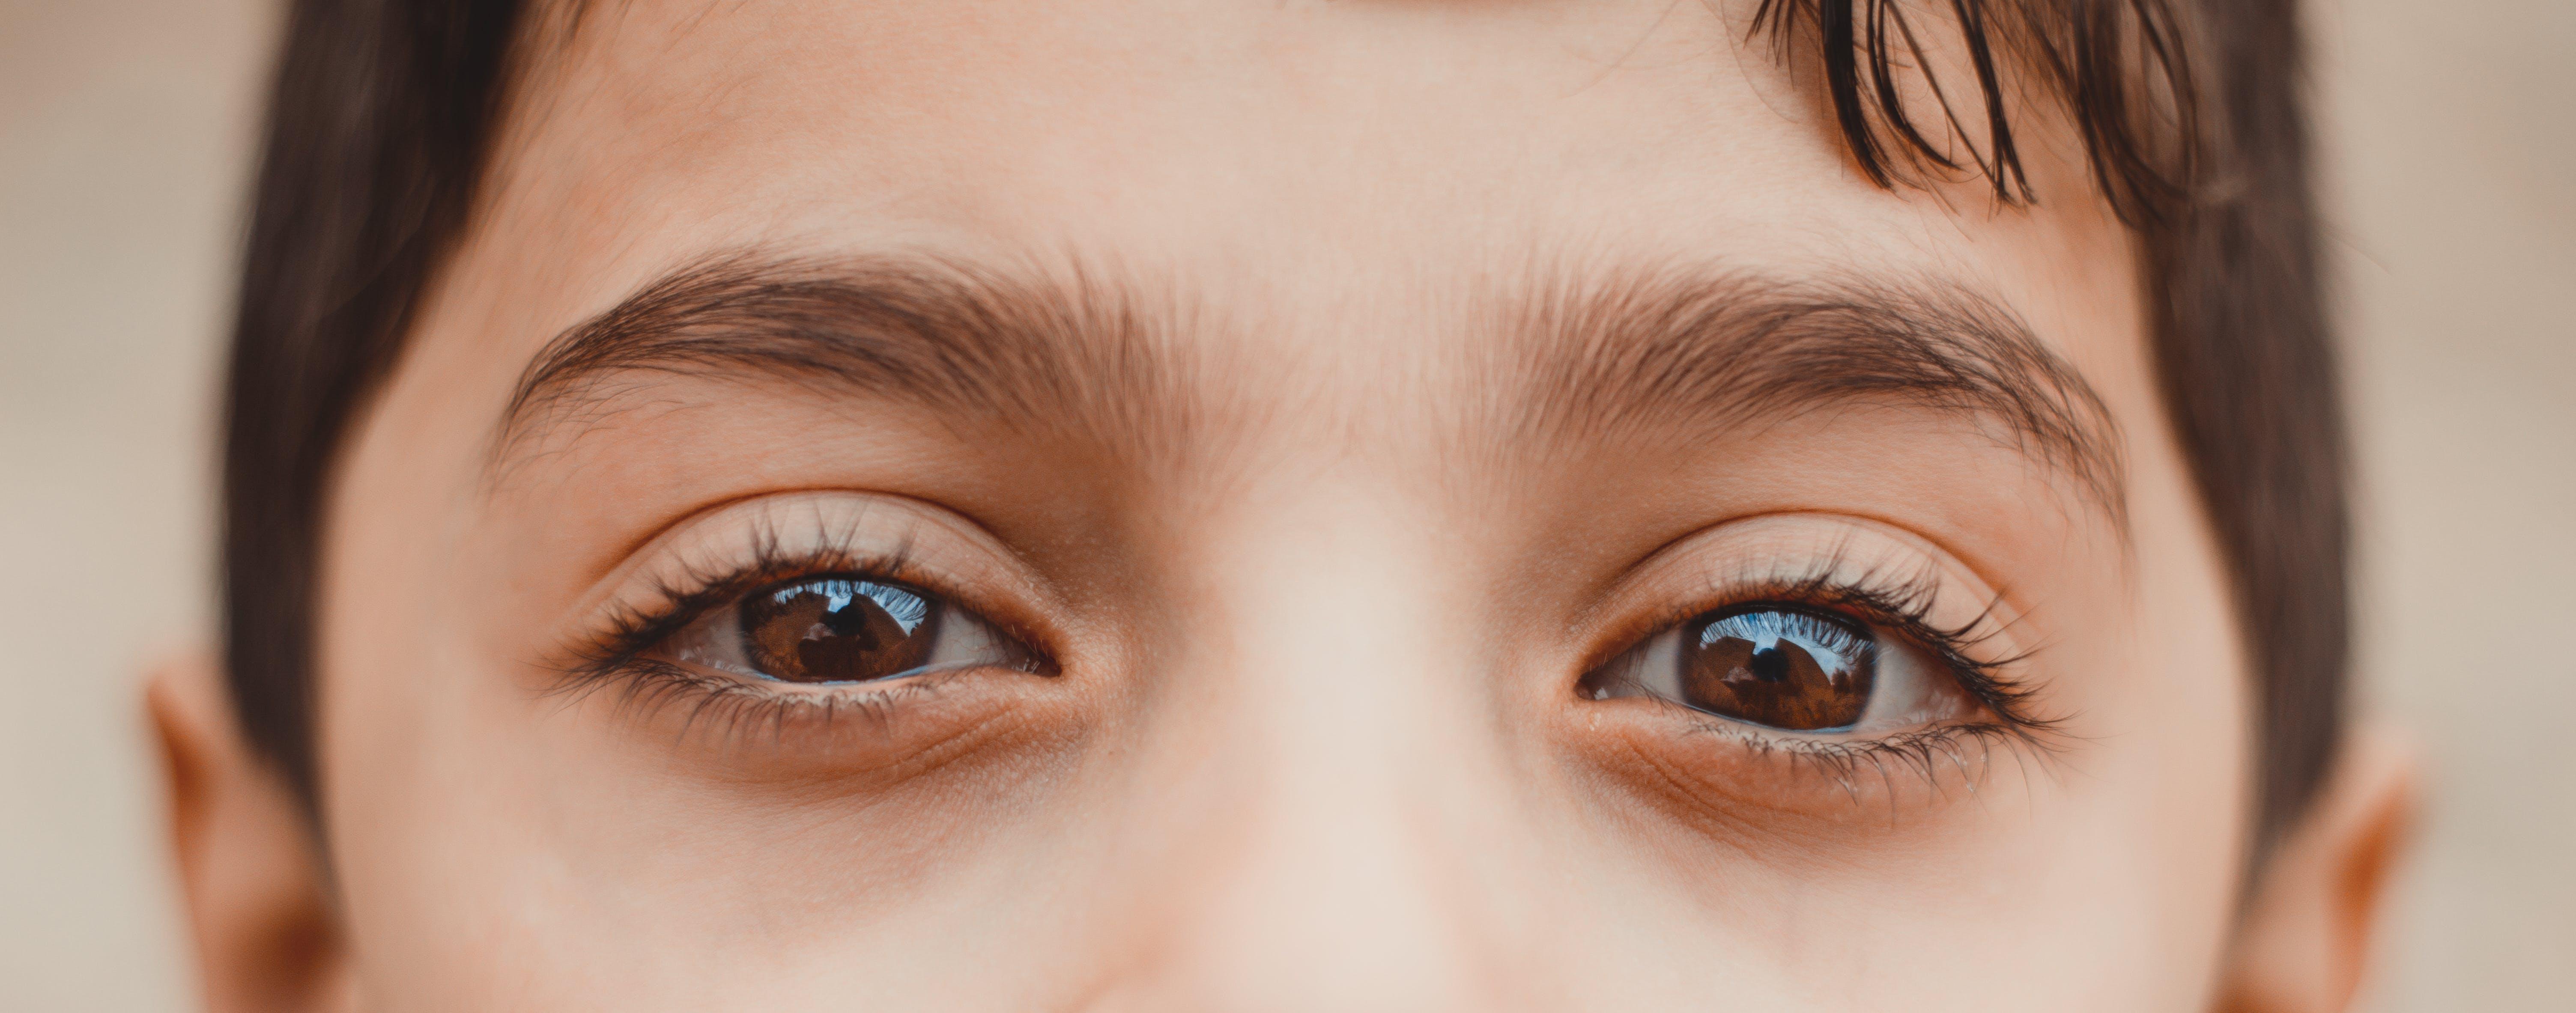 Immagine gratuita di bambino, bellissimo, carino, facciale